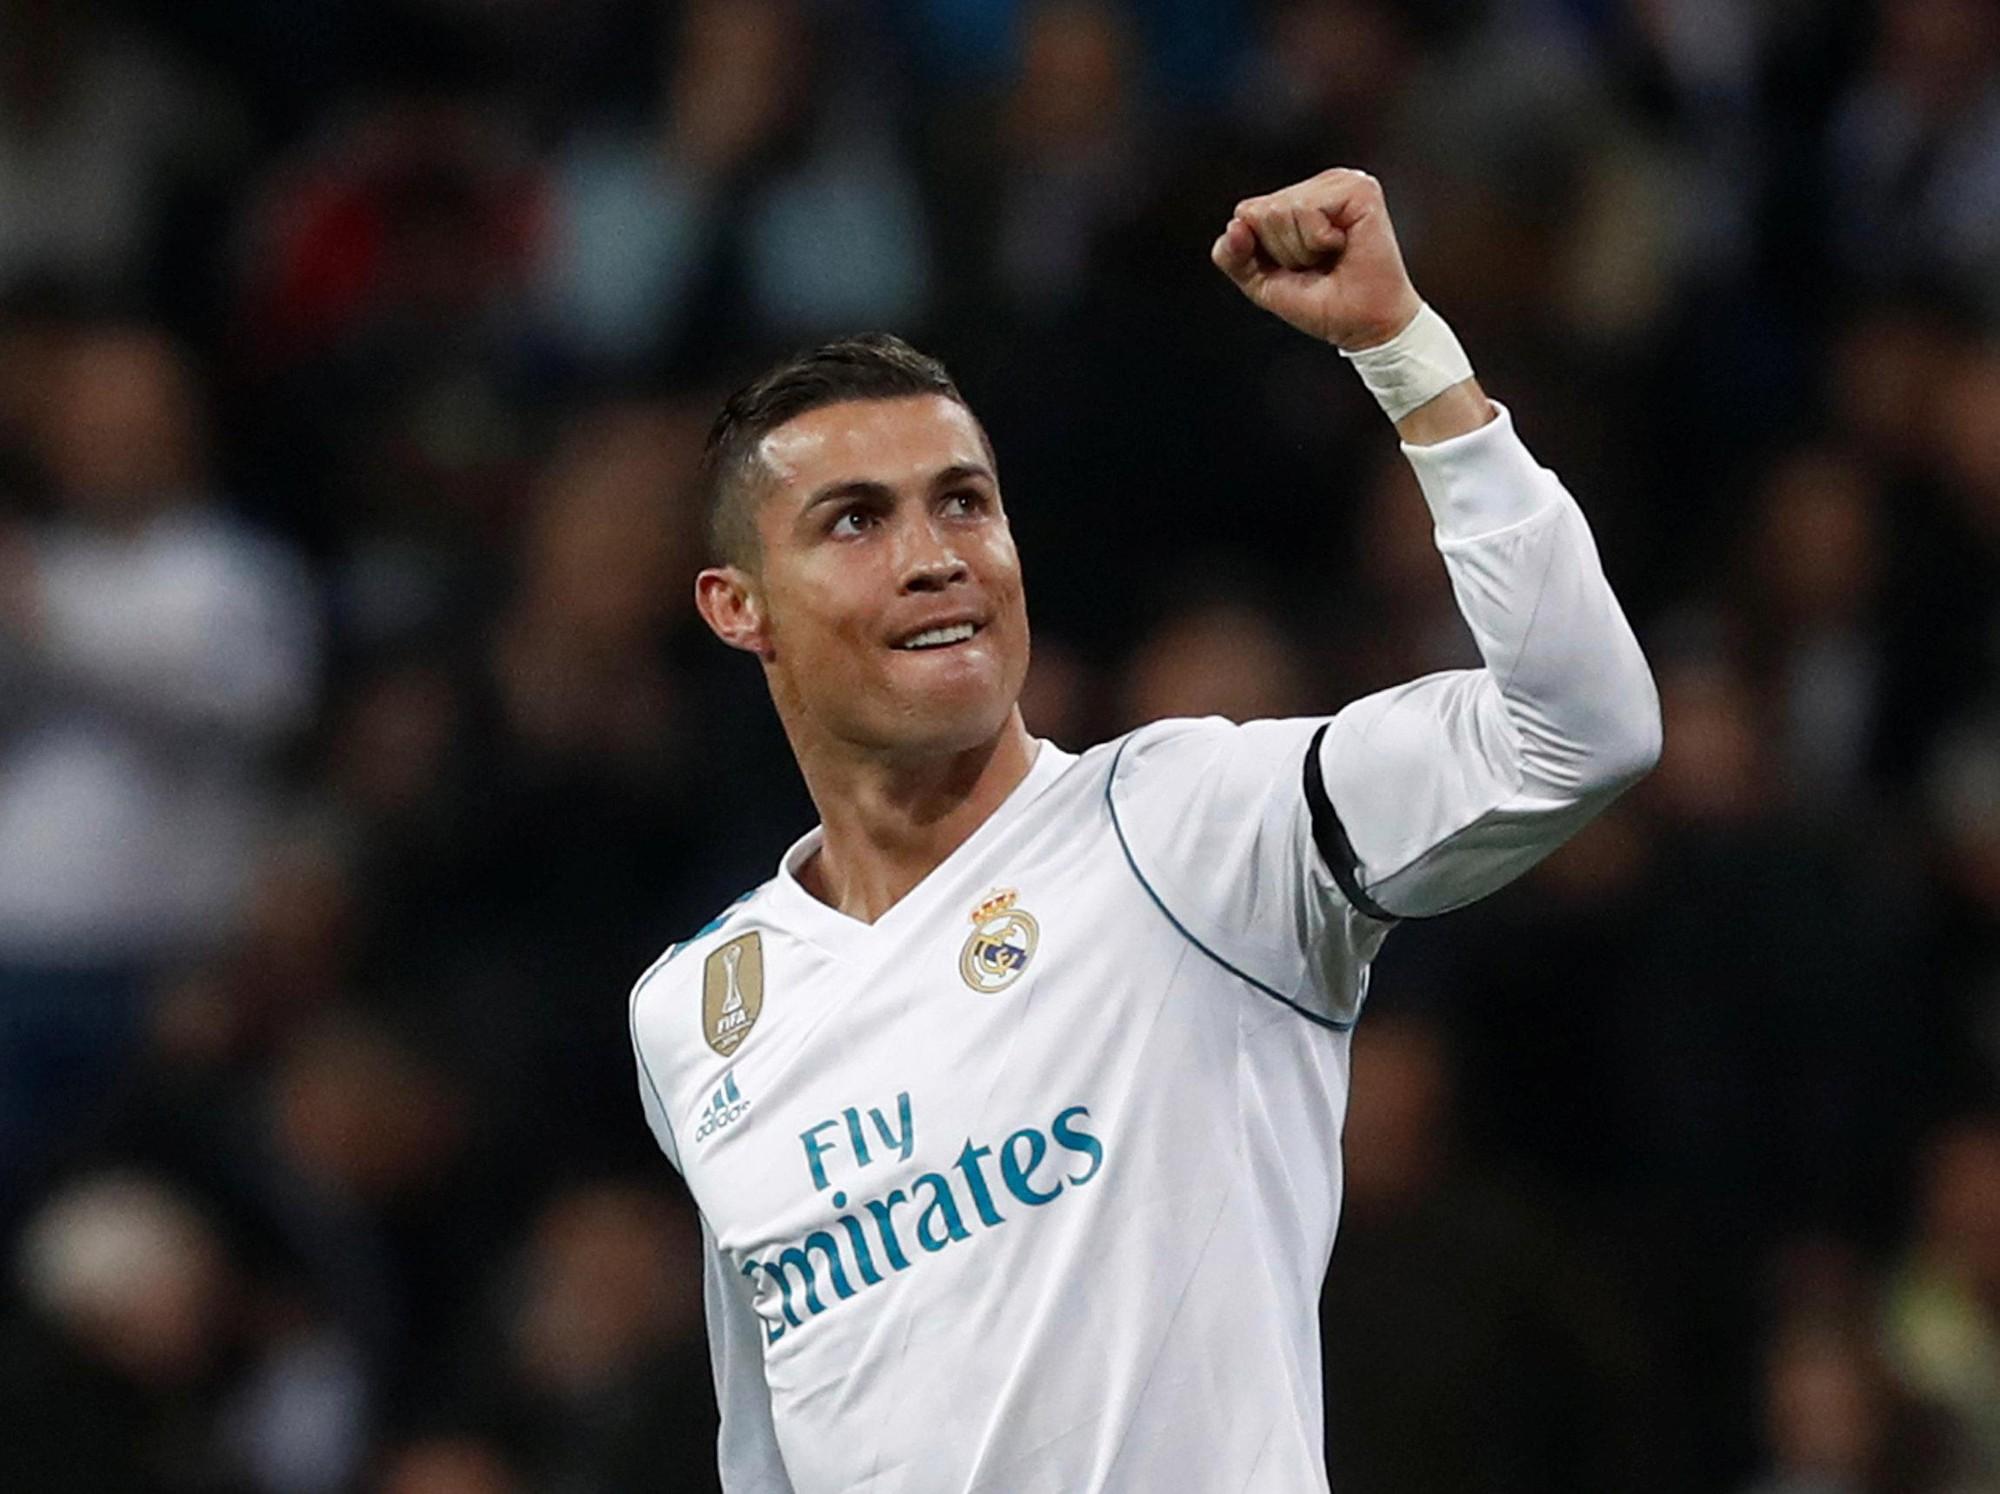 Vì sao Ronaldo xứng đáng đoạt Quả bóng Vàng? - Ảnh 1.